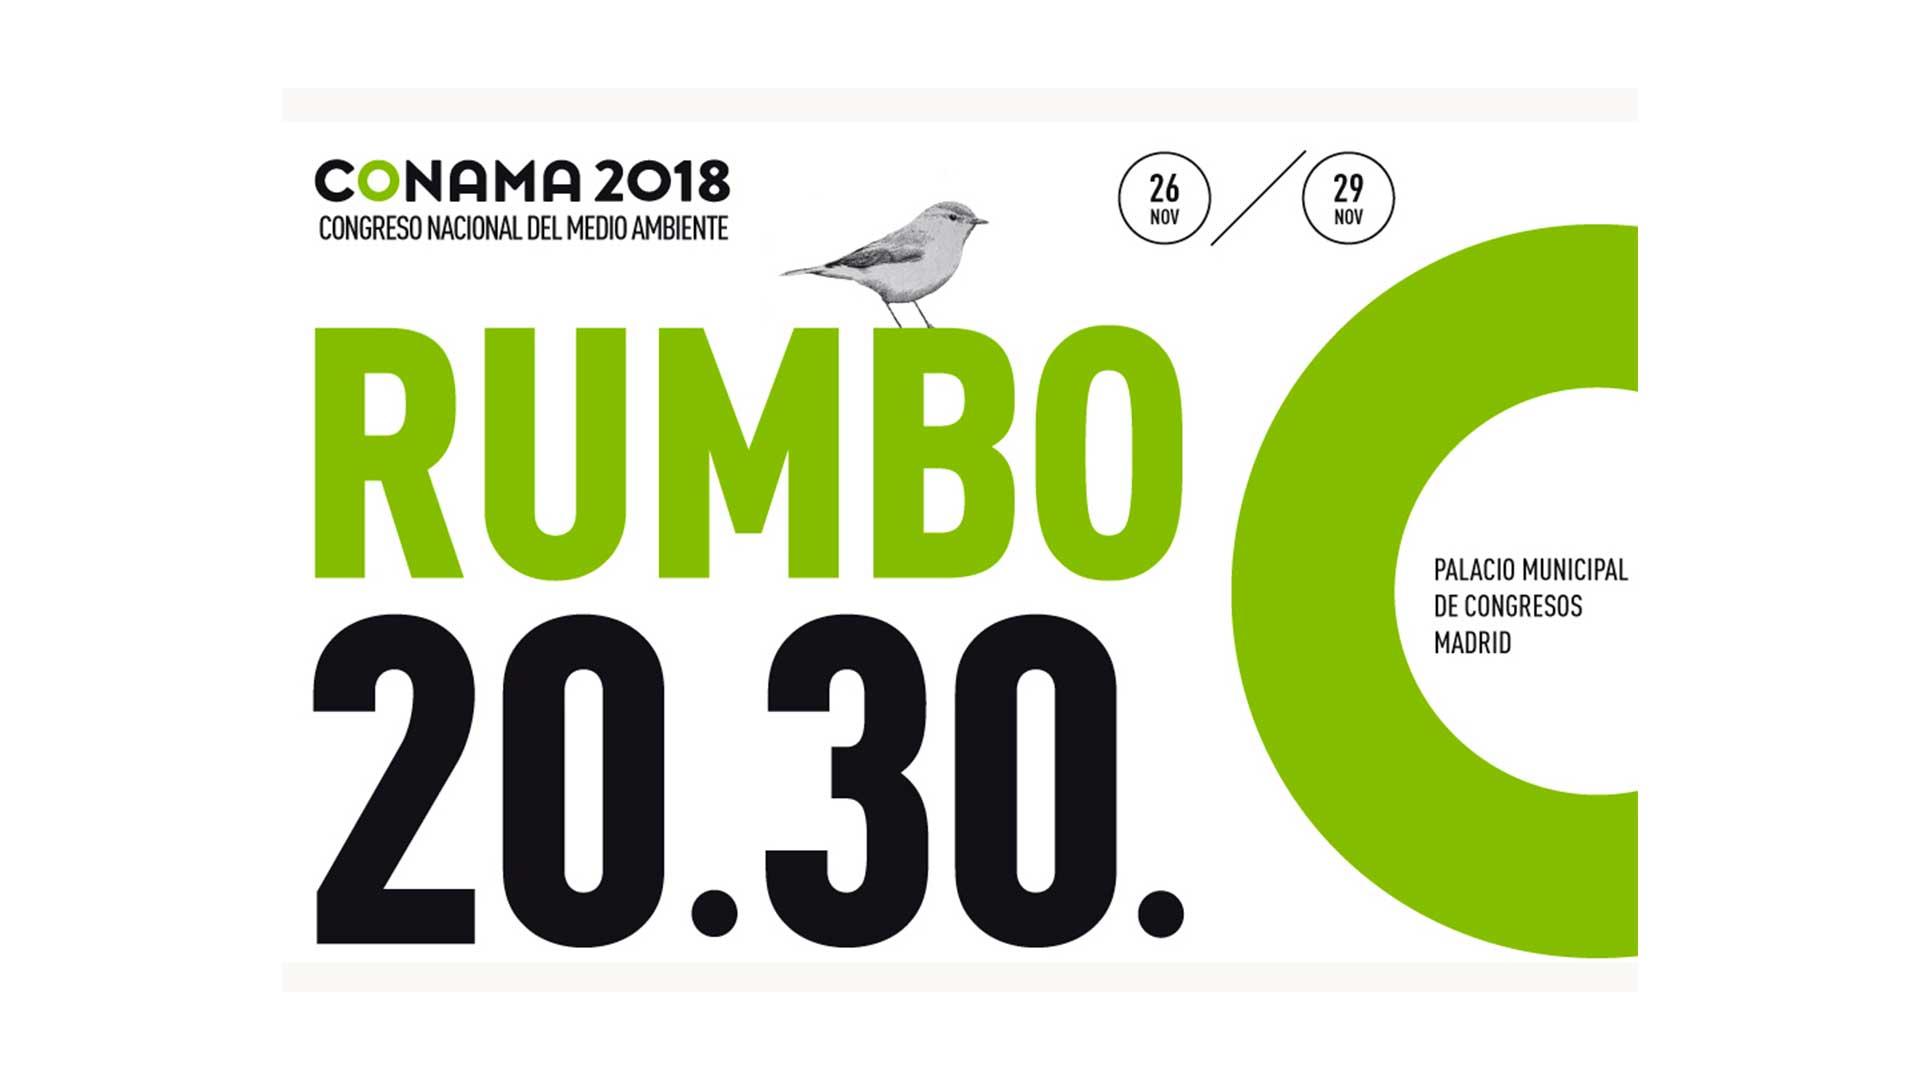 14º Congreso Nacional del Medio Ambiente (Conama 2018)